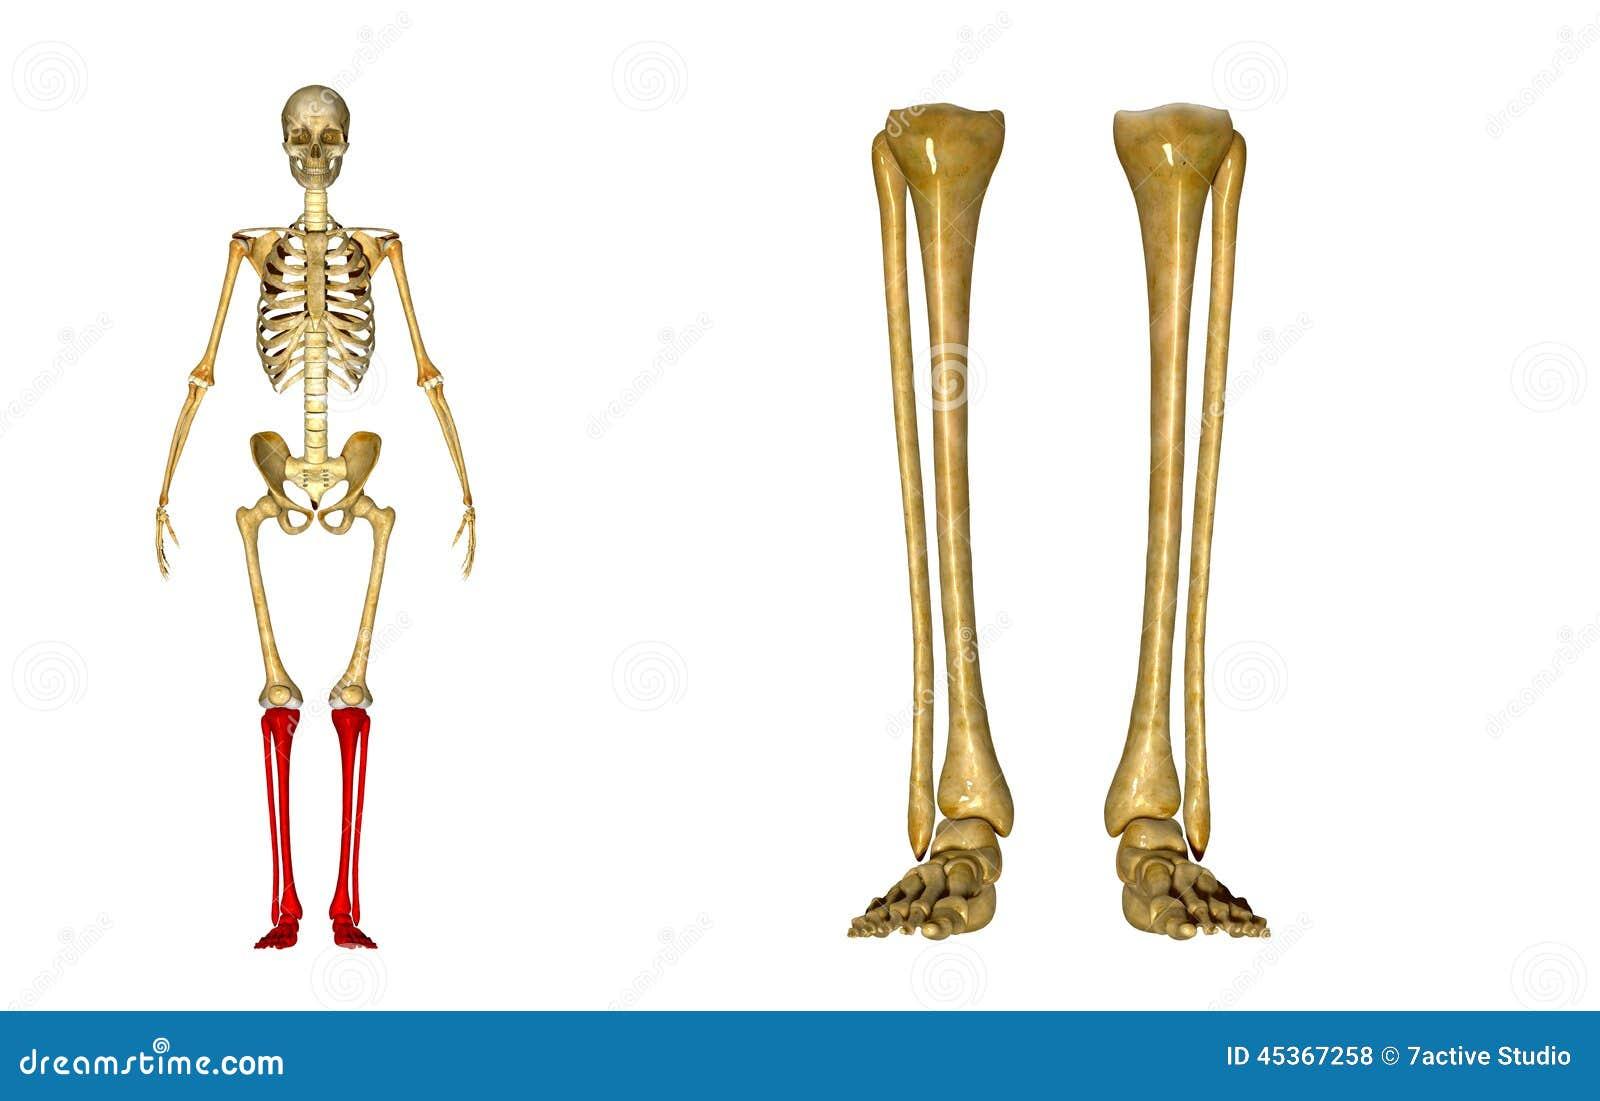 Wadenbein Und Schienbein, Knöchel Und Fuß Stockfoto - Bild von ...